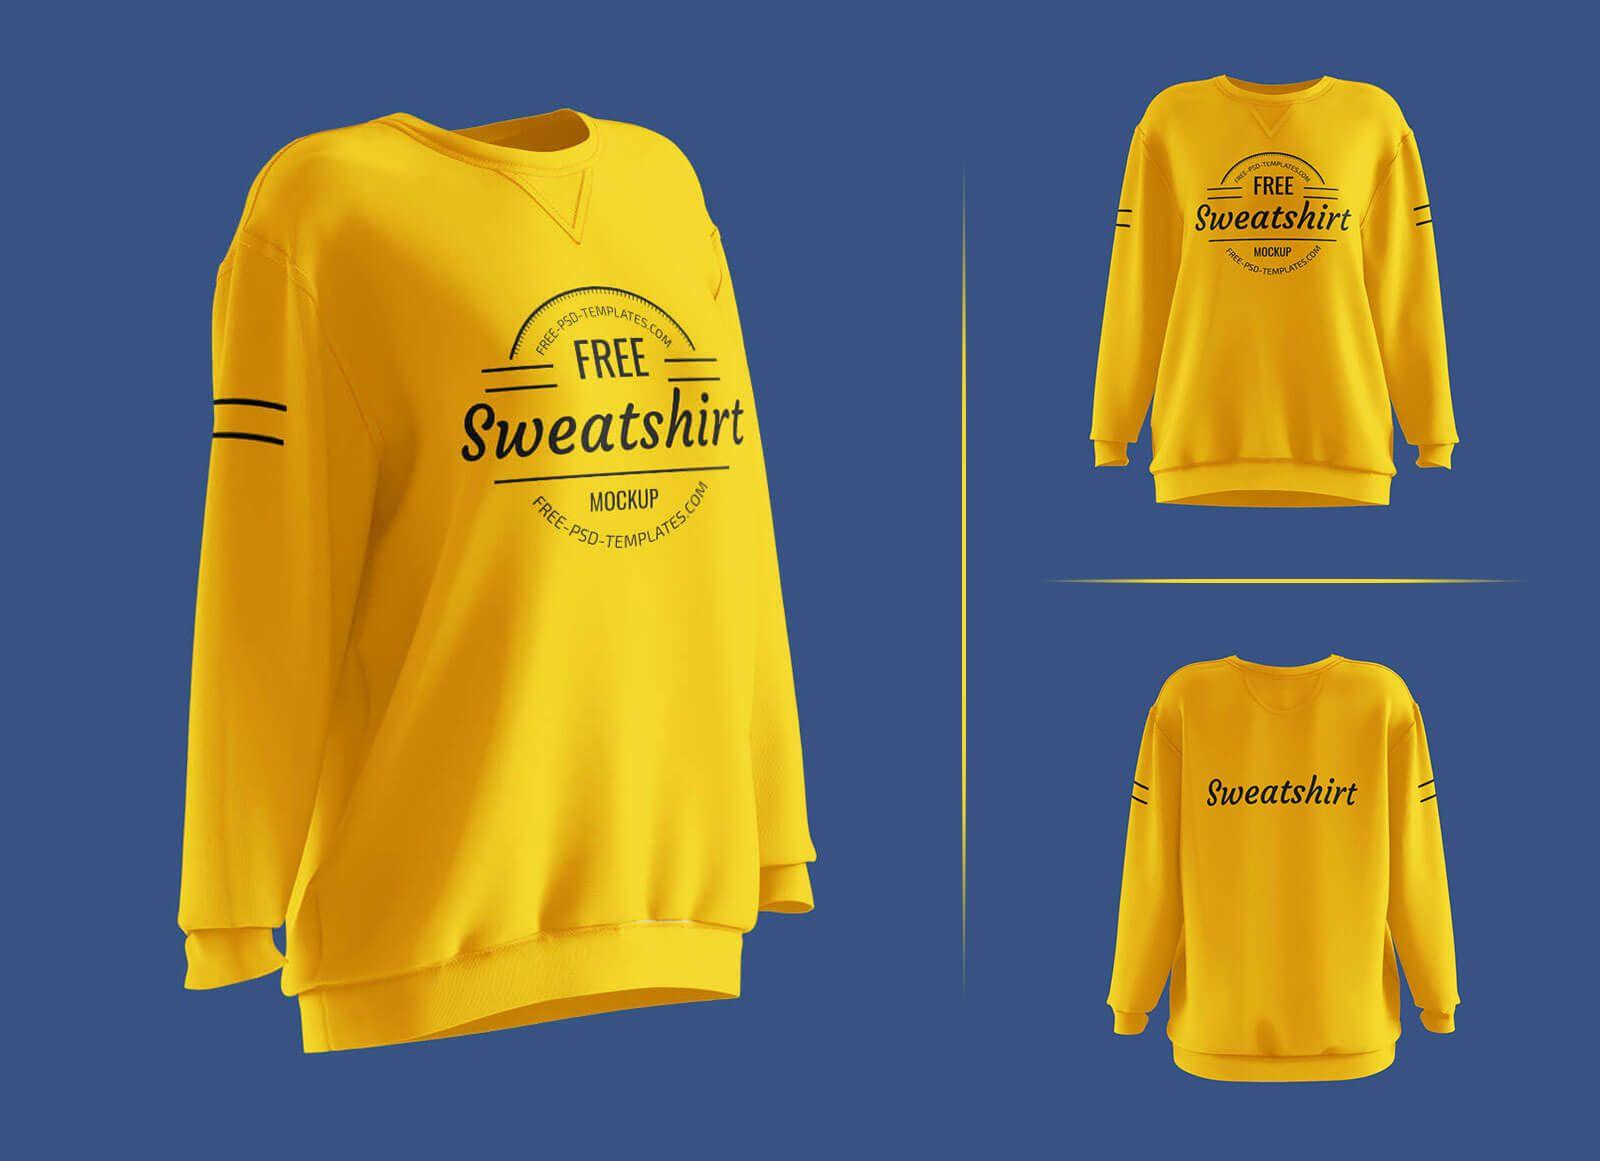 Free Long Sleeves Women S Sweatshirt Mockup Psd Set In 2021 Sweatshirts Sports Apparel Design Sweatshirts Women